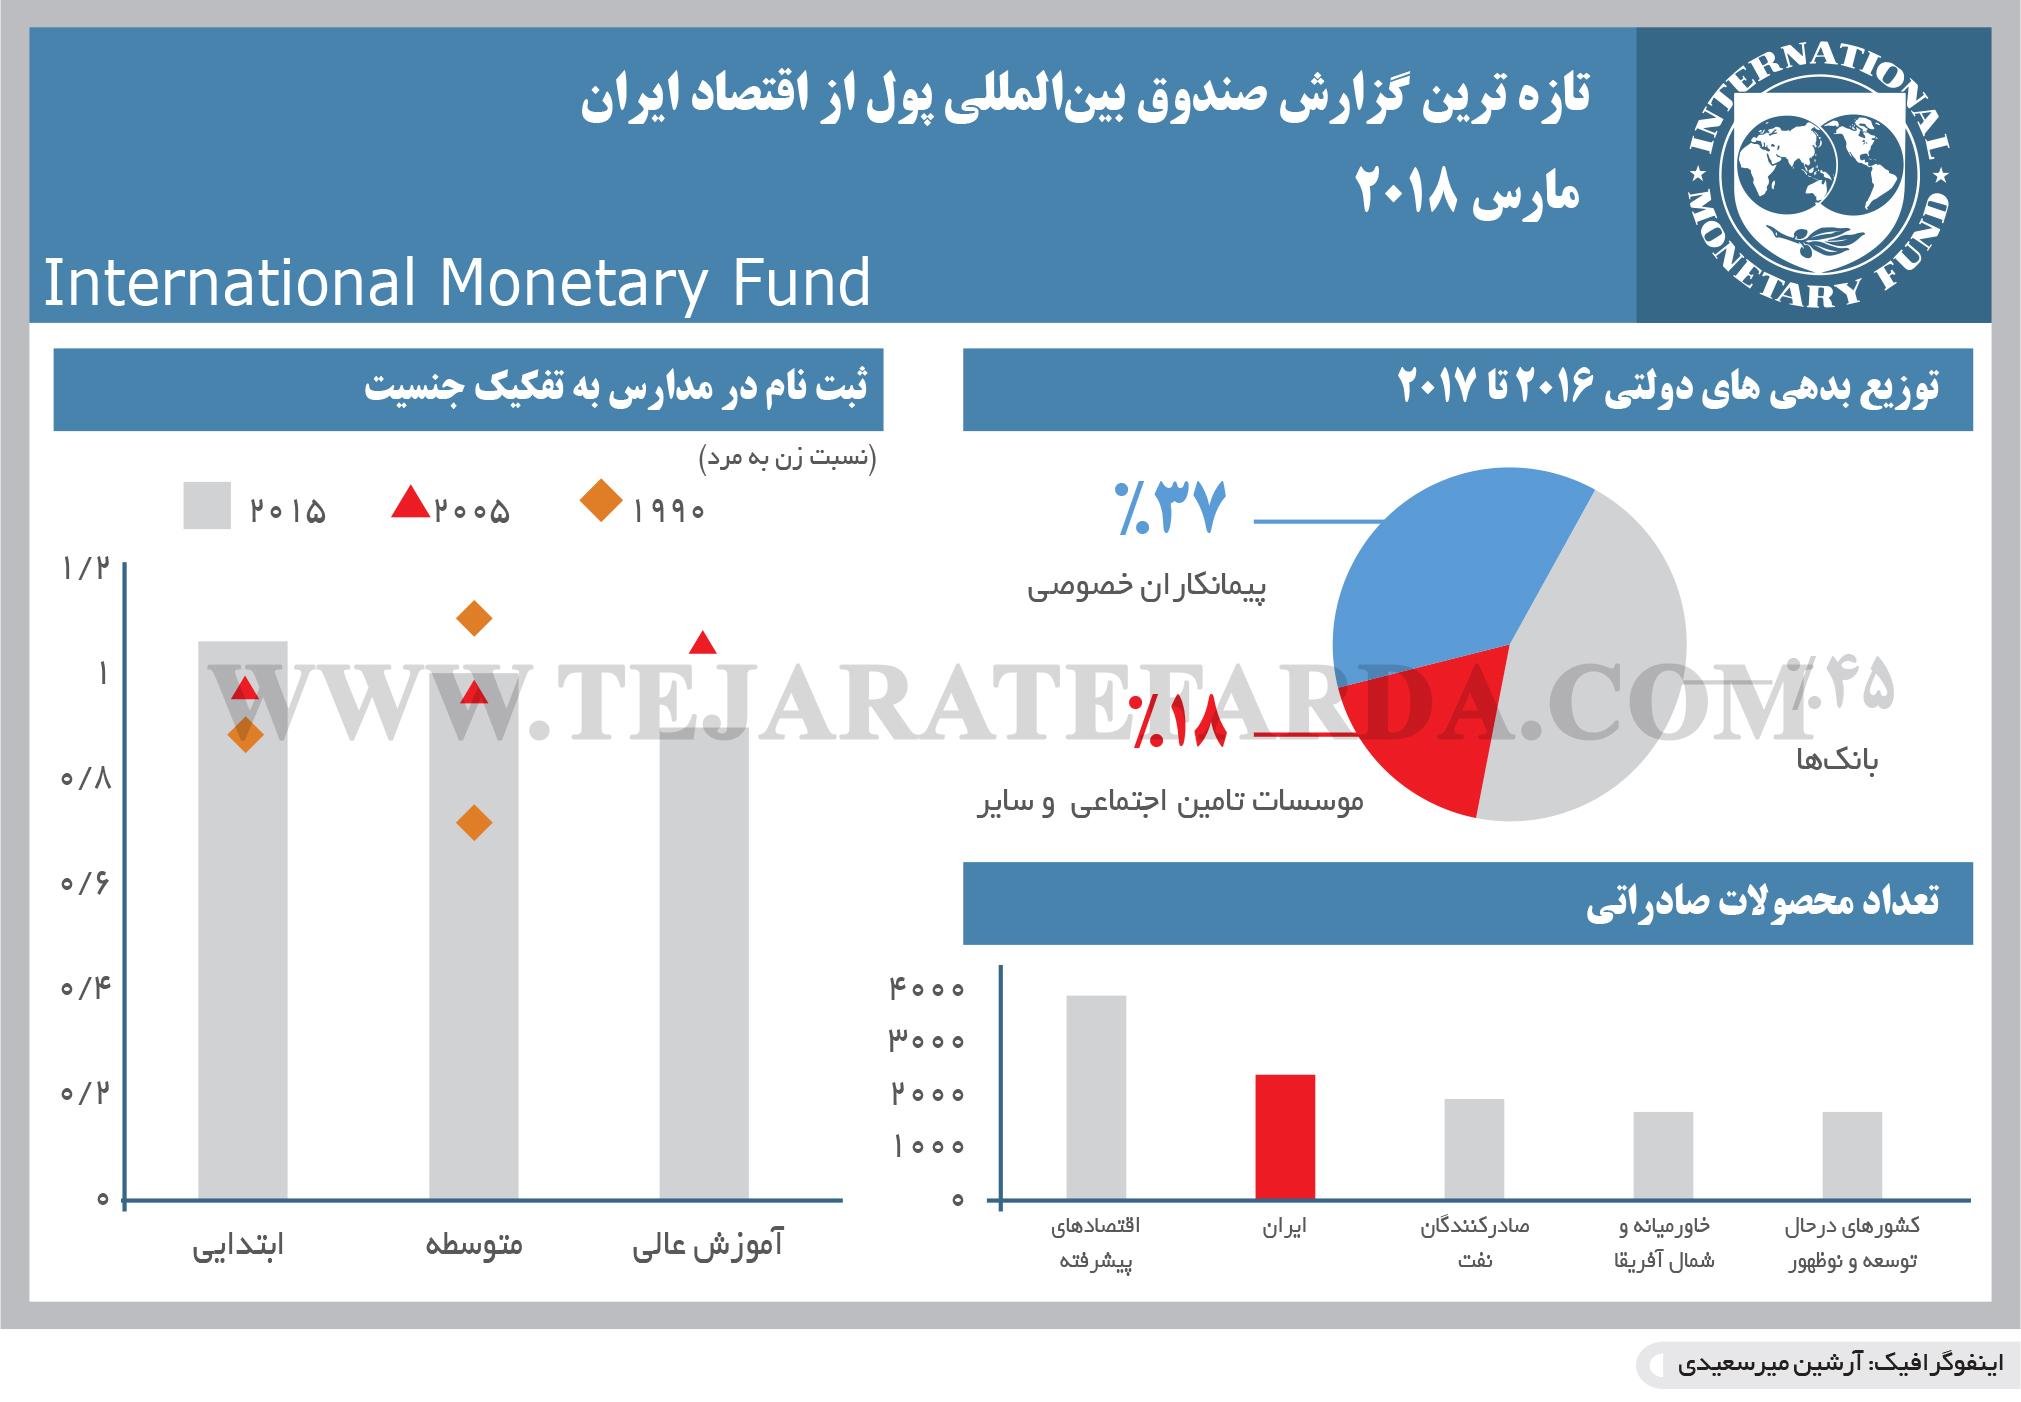 تجارت فردا- اینفوگرافیک- تازه ترین گزارش صندوق بینالمللی پول از اقتصاد ایران   مارس 2018